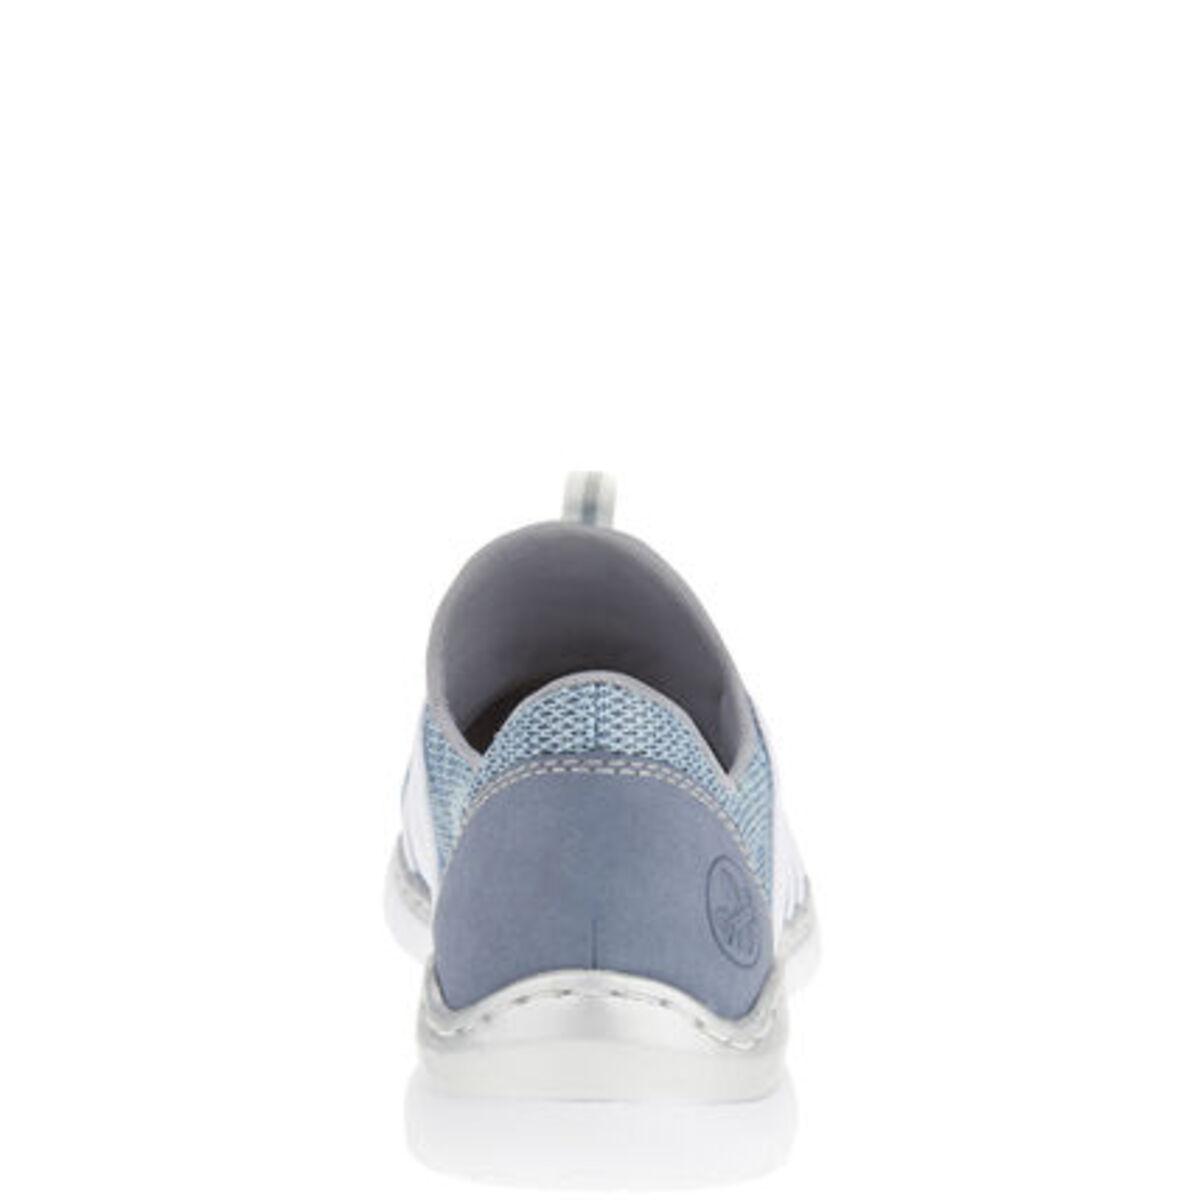 Bild 4 von Rieker Sneaker, Slipper, melierte Optik, für Damen